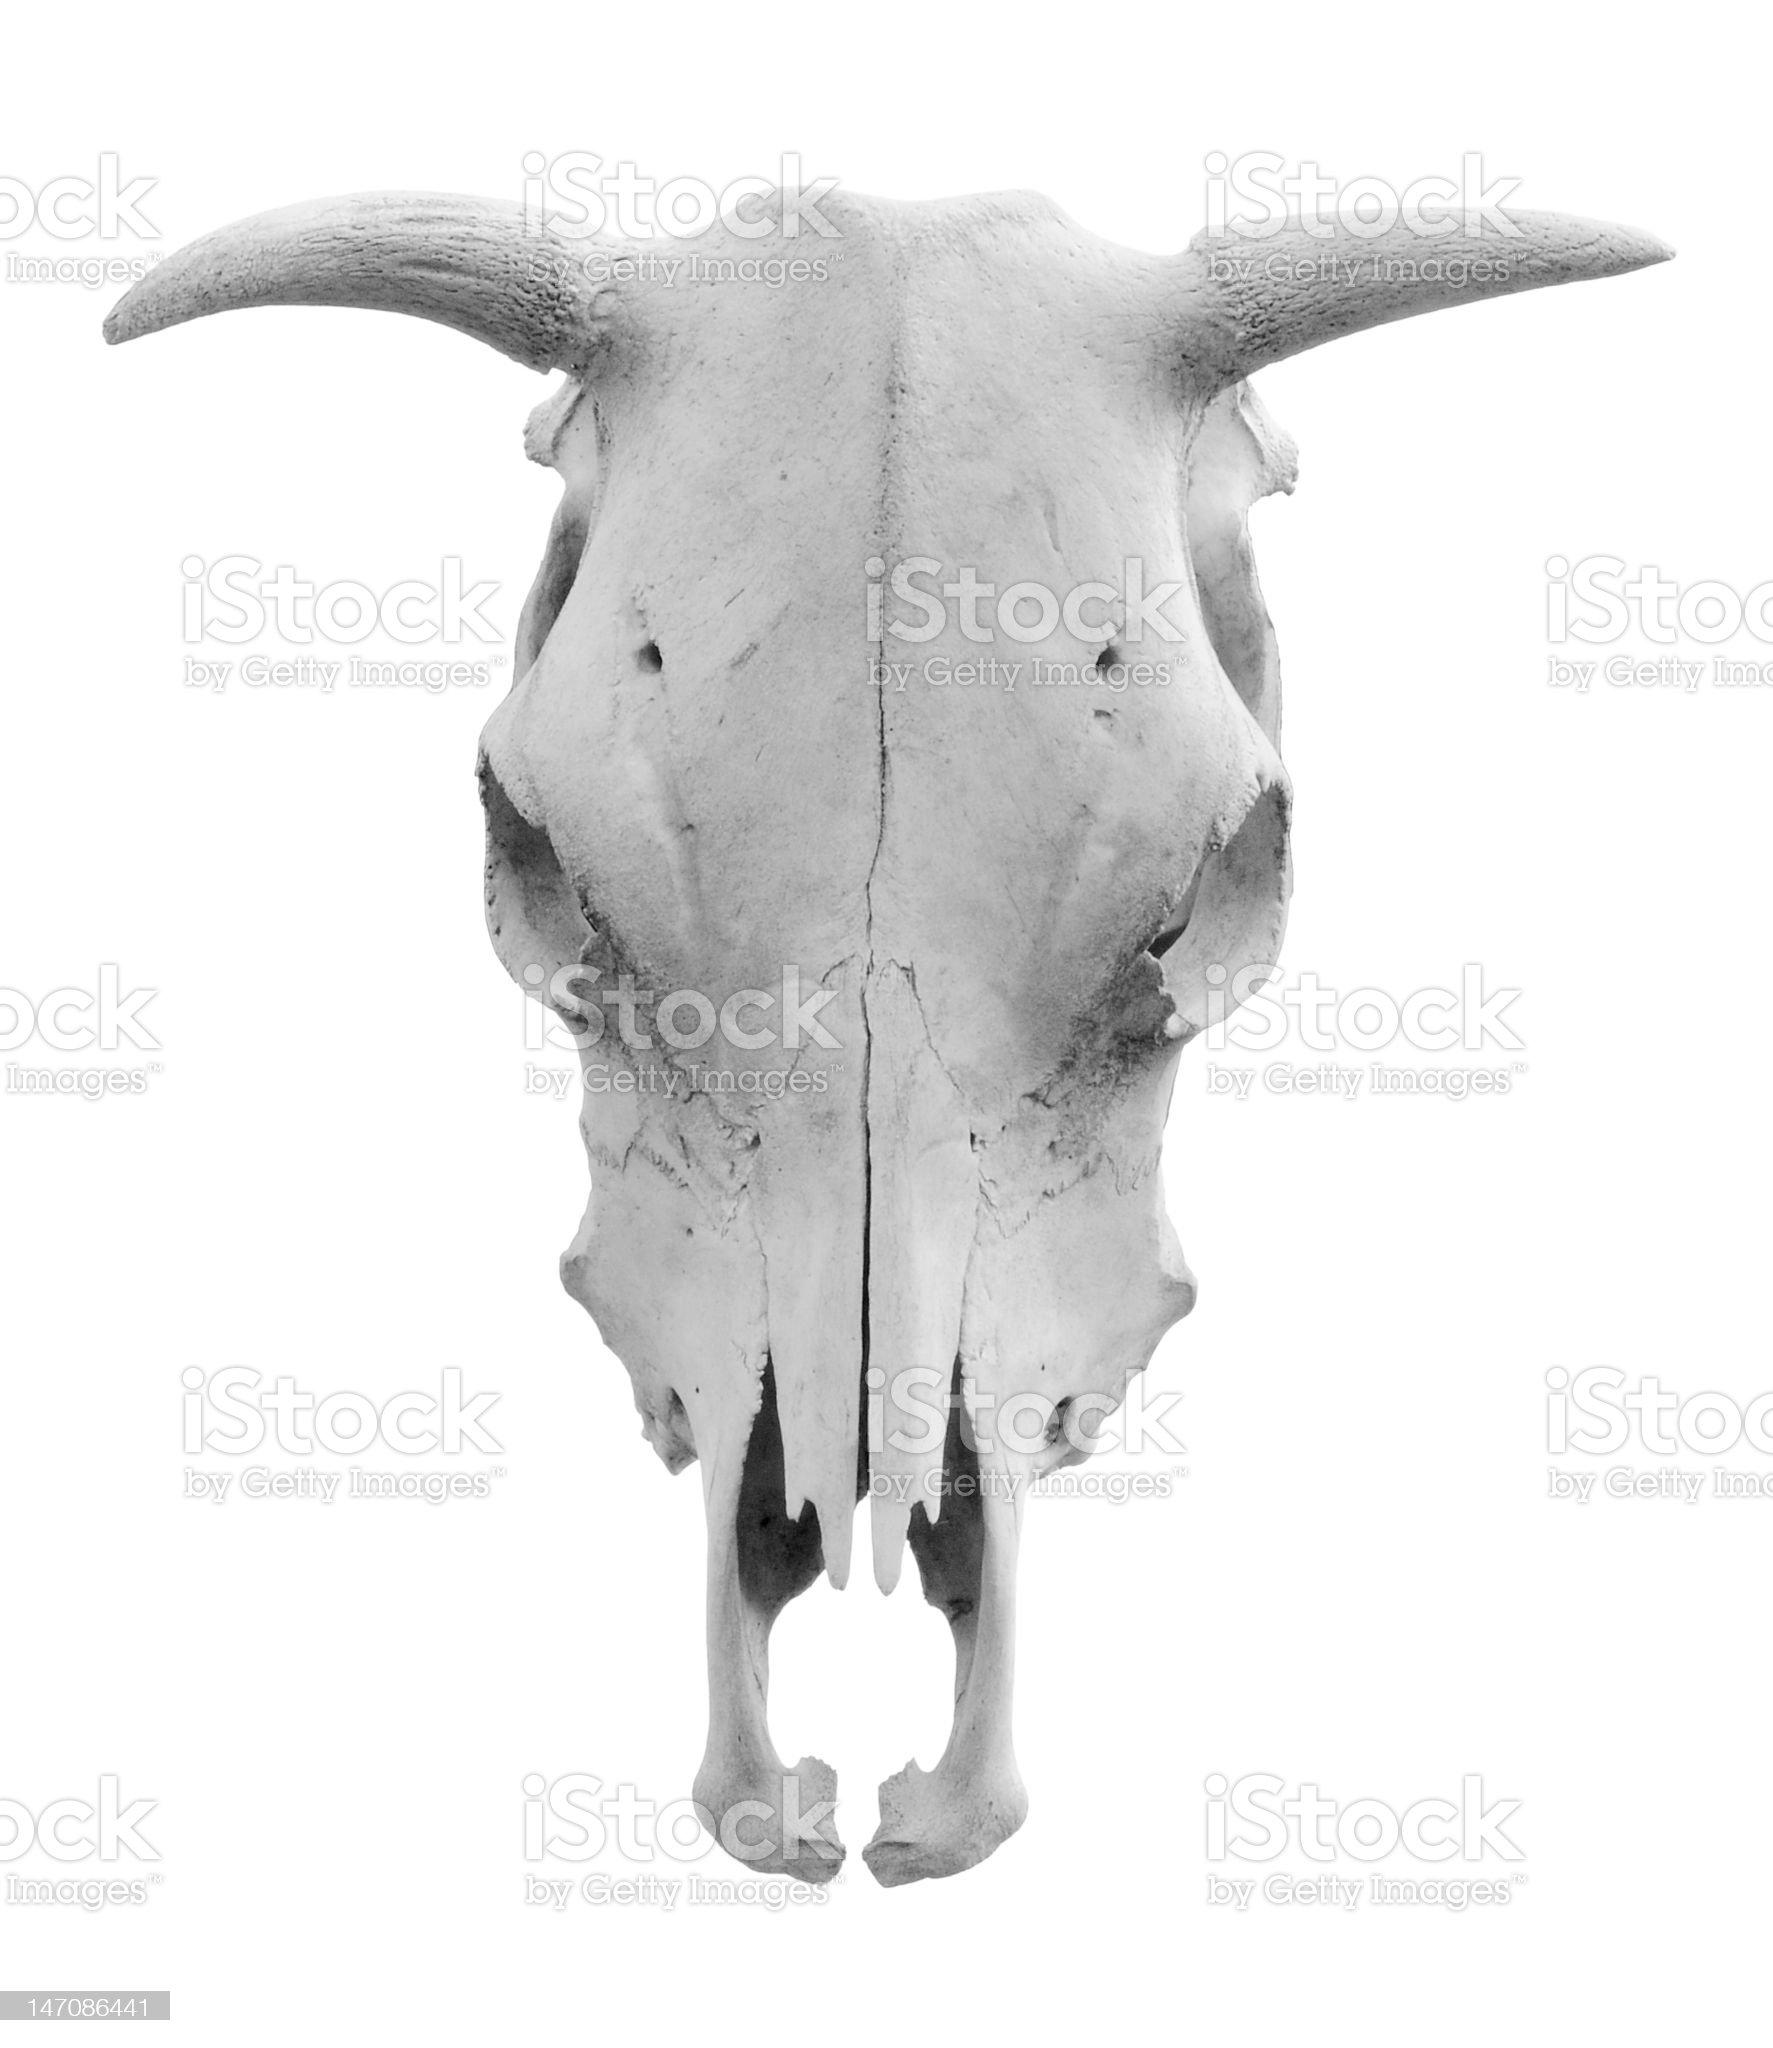 Isolated Skull royalty-free stock photo